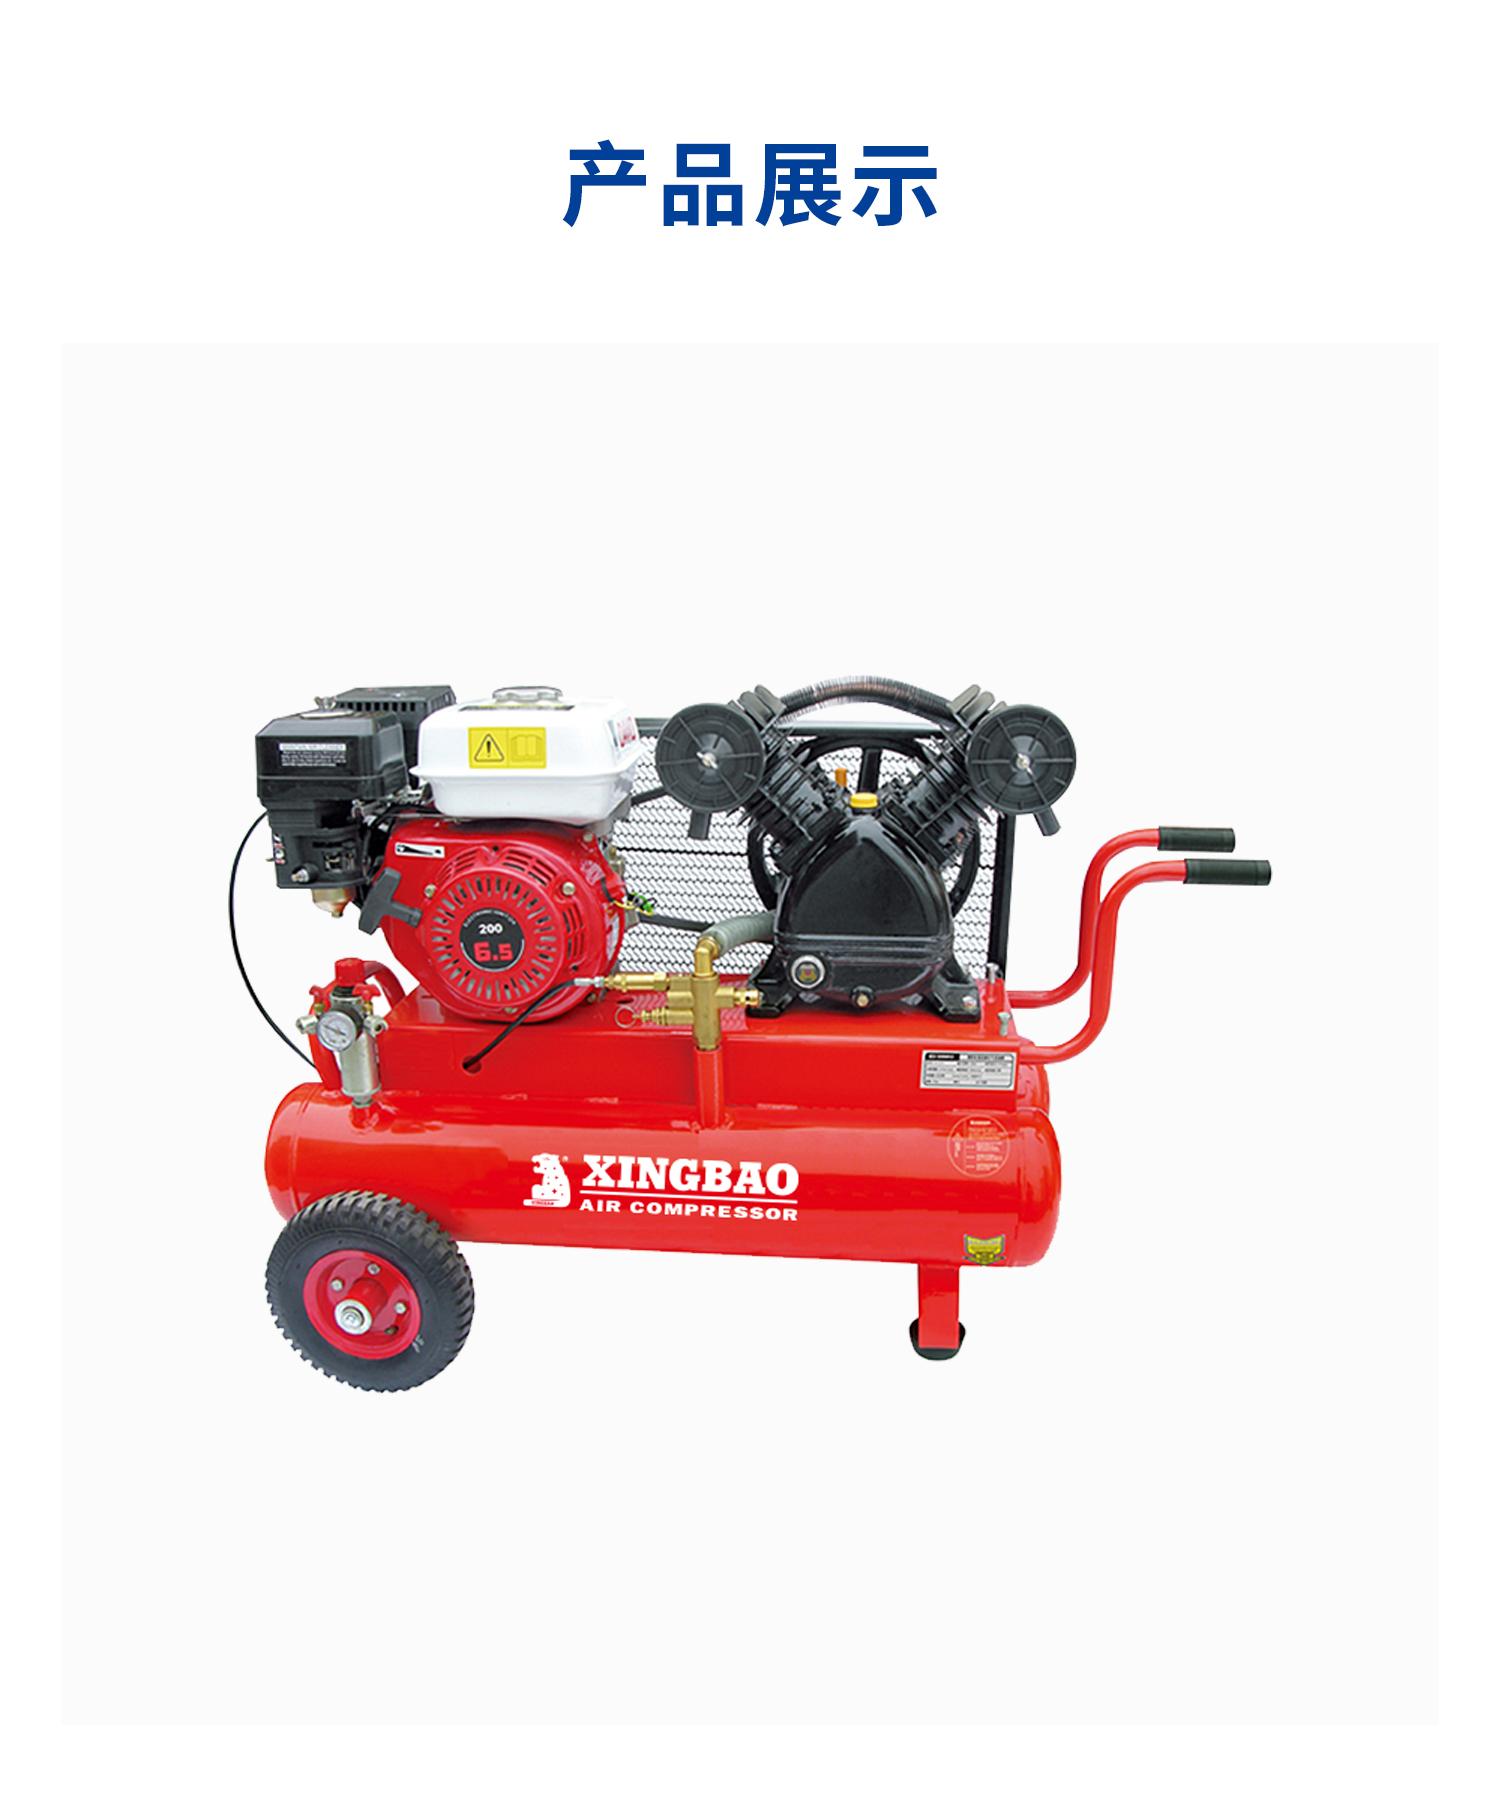 汽油式空气压缩机